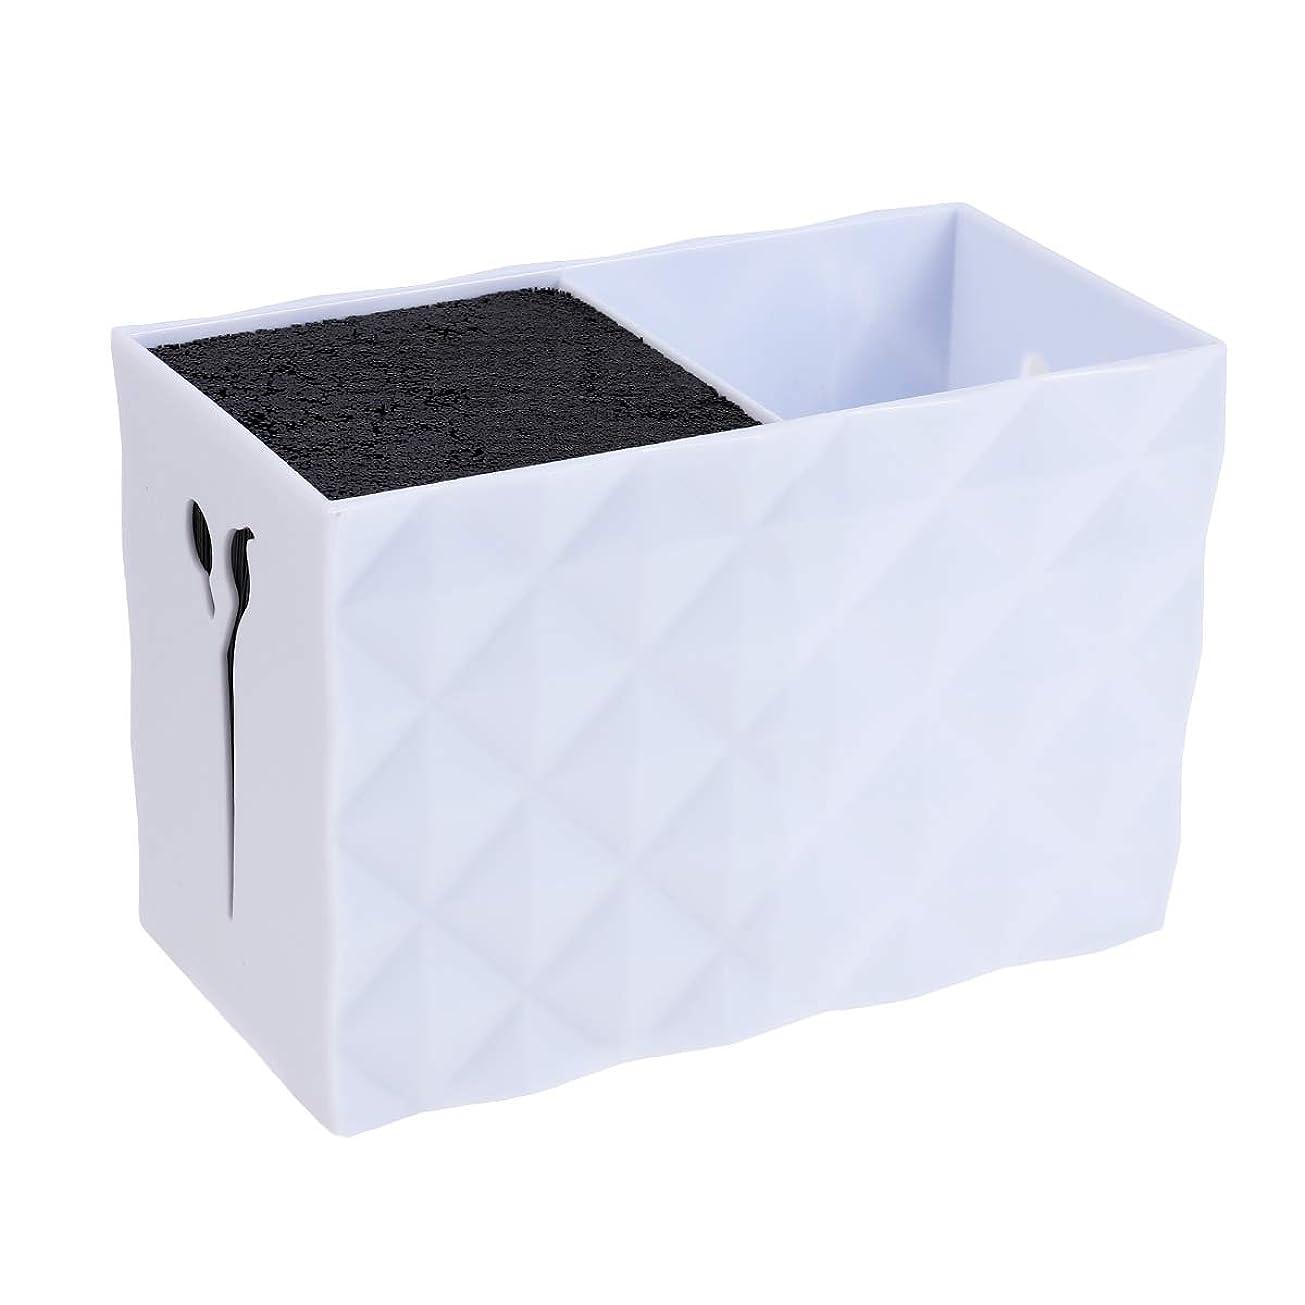 尊敬ではごきげんよう自分の力ですべてをするFrcolor シザーキューブ はさみ立て シザーケース トリミング 収納 ペン立て 美容師 美容院 サロン ハサミスタンド メイク道具 自由収納(ホワイト)